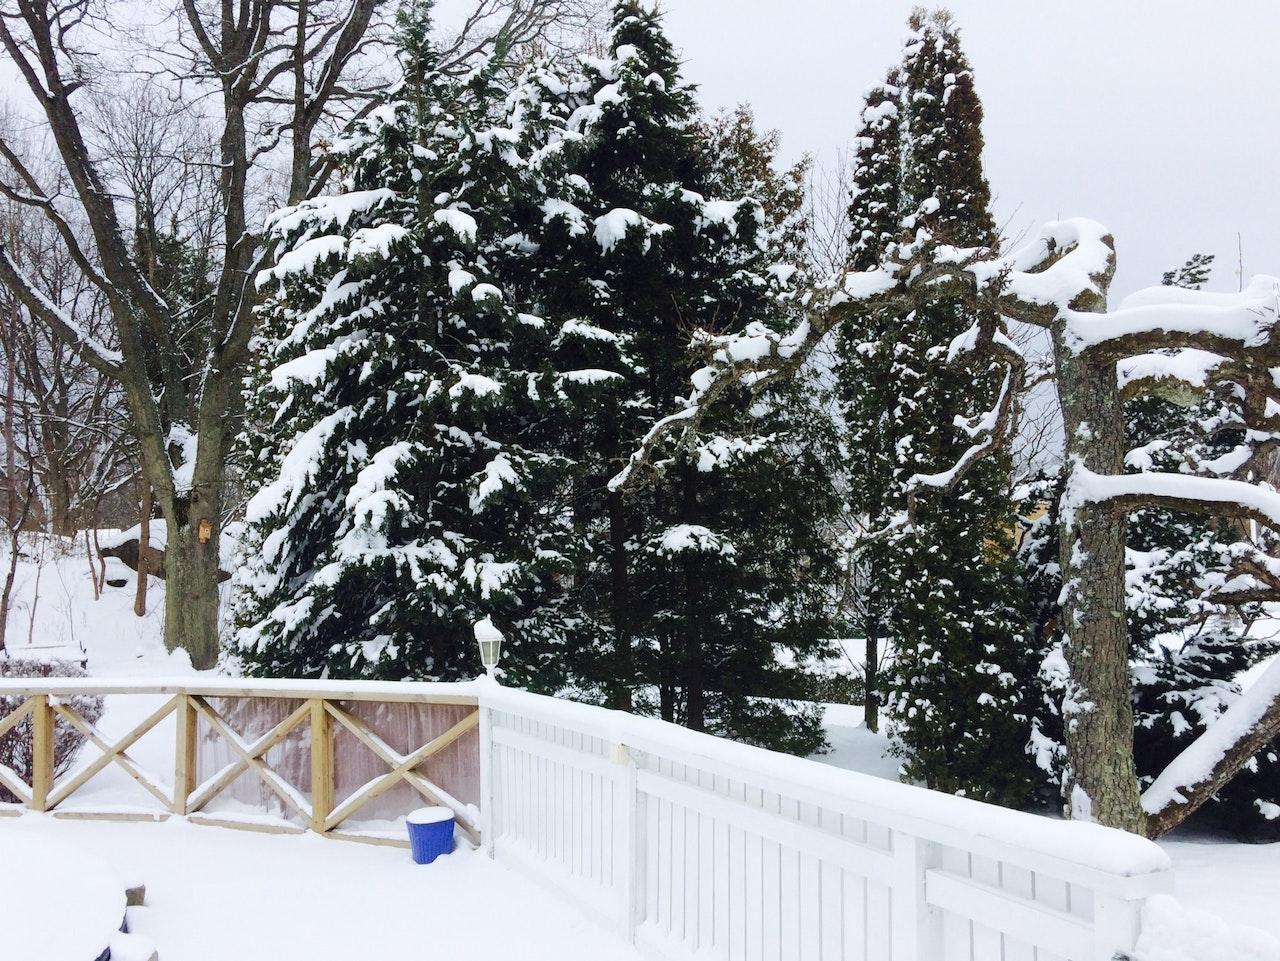 Filming in the snow in Sweden/ Filmando en la nieve en Suecia